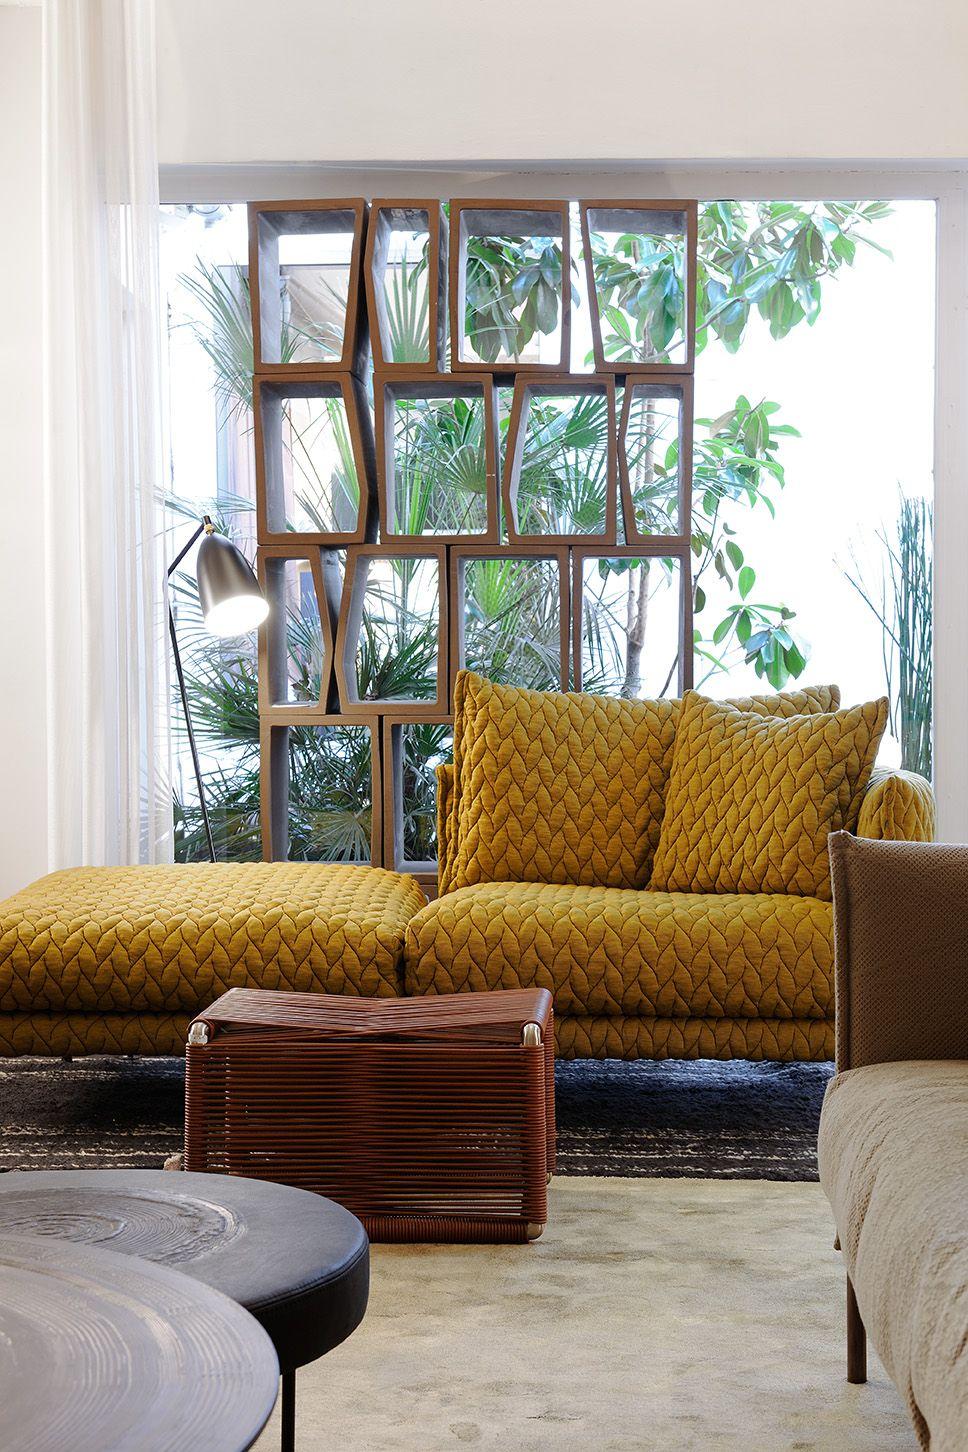 Claude Cartier Décoration Lyon - Shoroom - sofa - canapé - gentry - patricia urquiola - moroso yellow - jaune bibliothèque bookshelf terreria